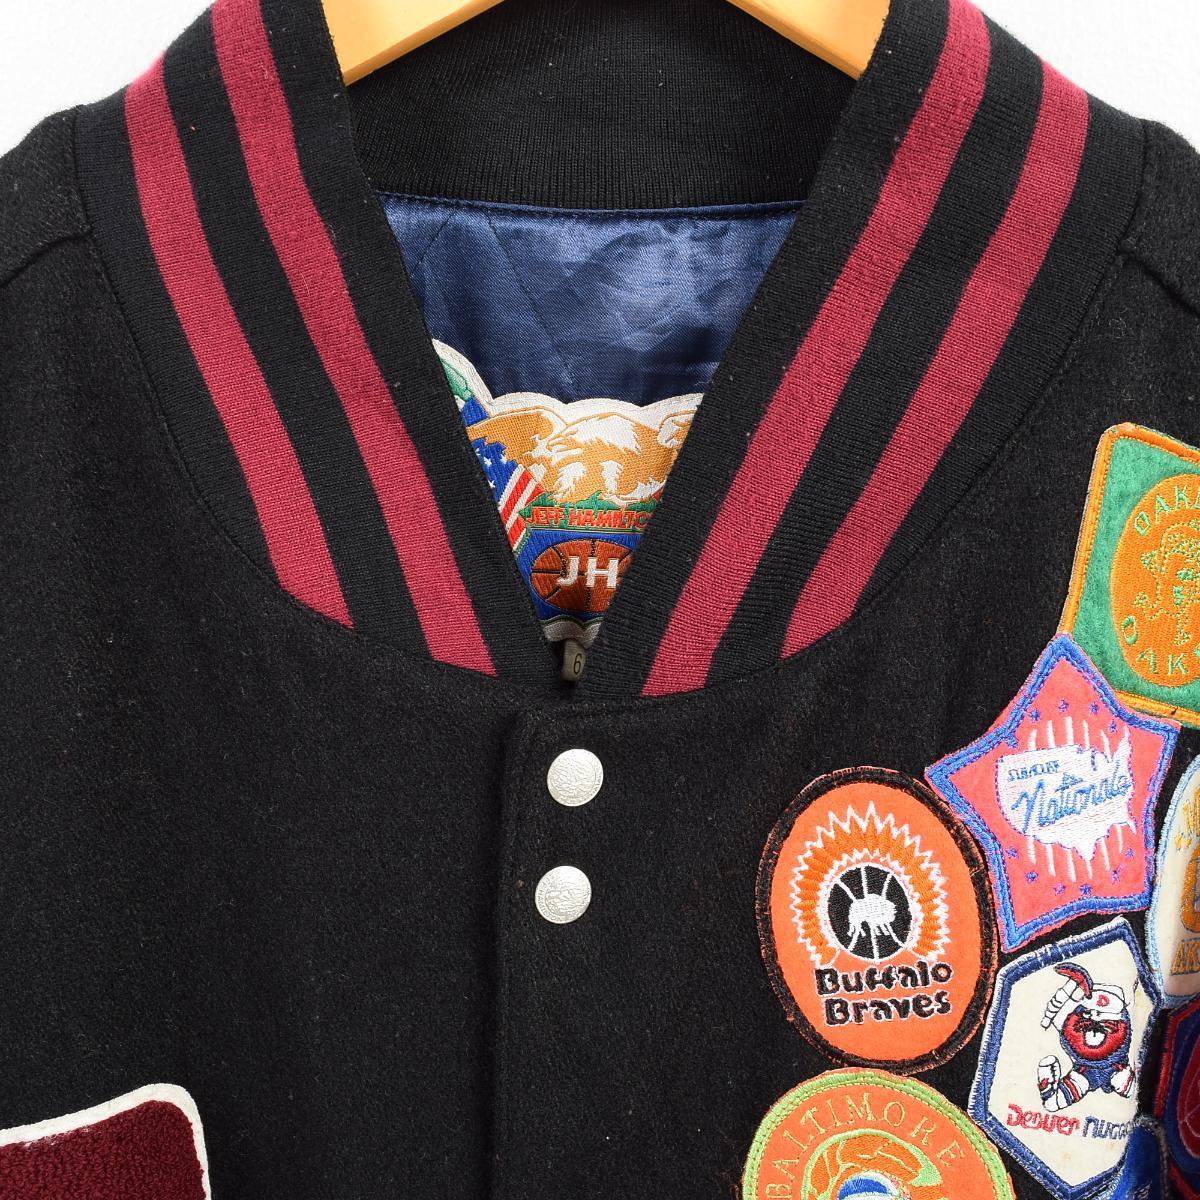 2c5a6bd2c7 JEFF HAMILTON ウールスタジャン アワードジャケット / フリーサイズ. 価格32,400円(税込) / 商品番号 waj7558